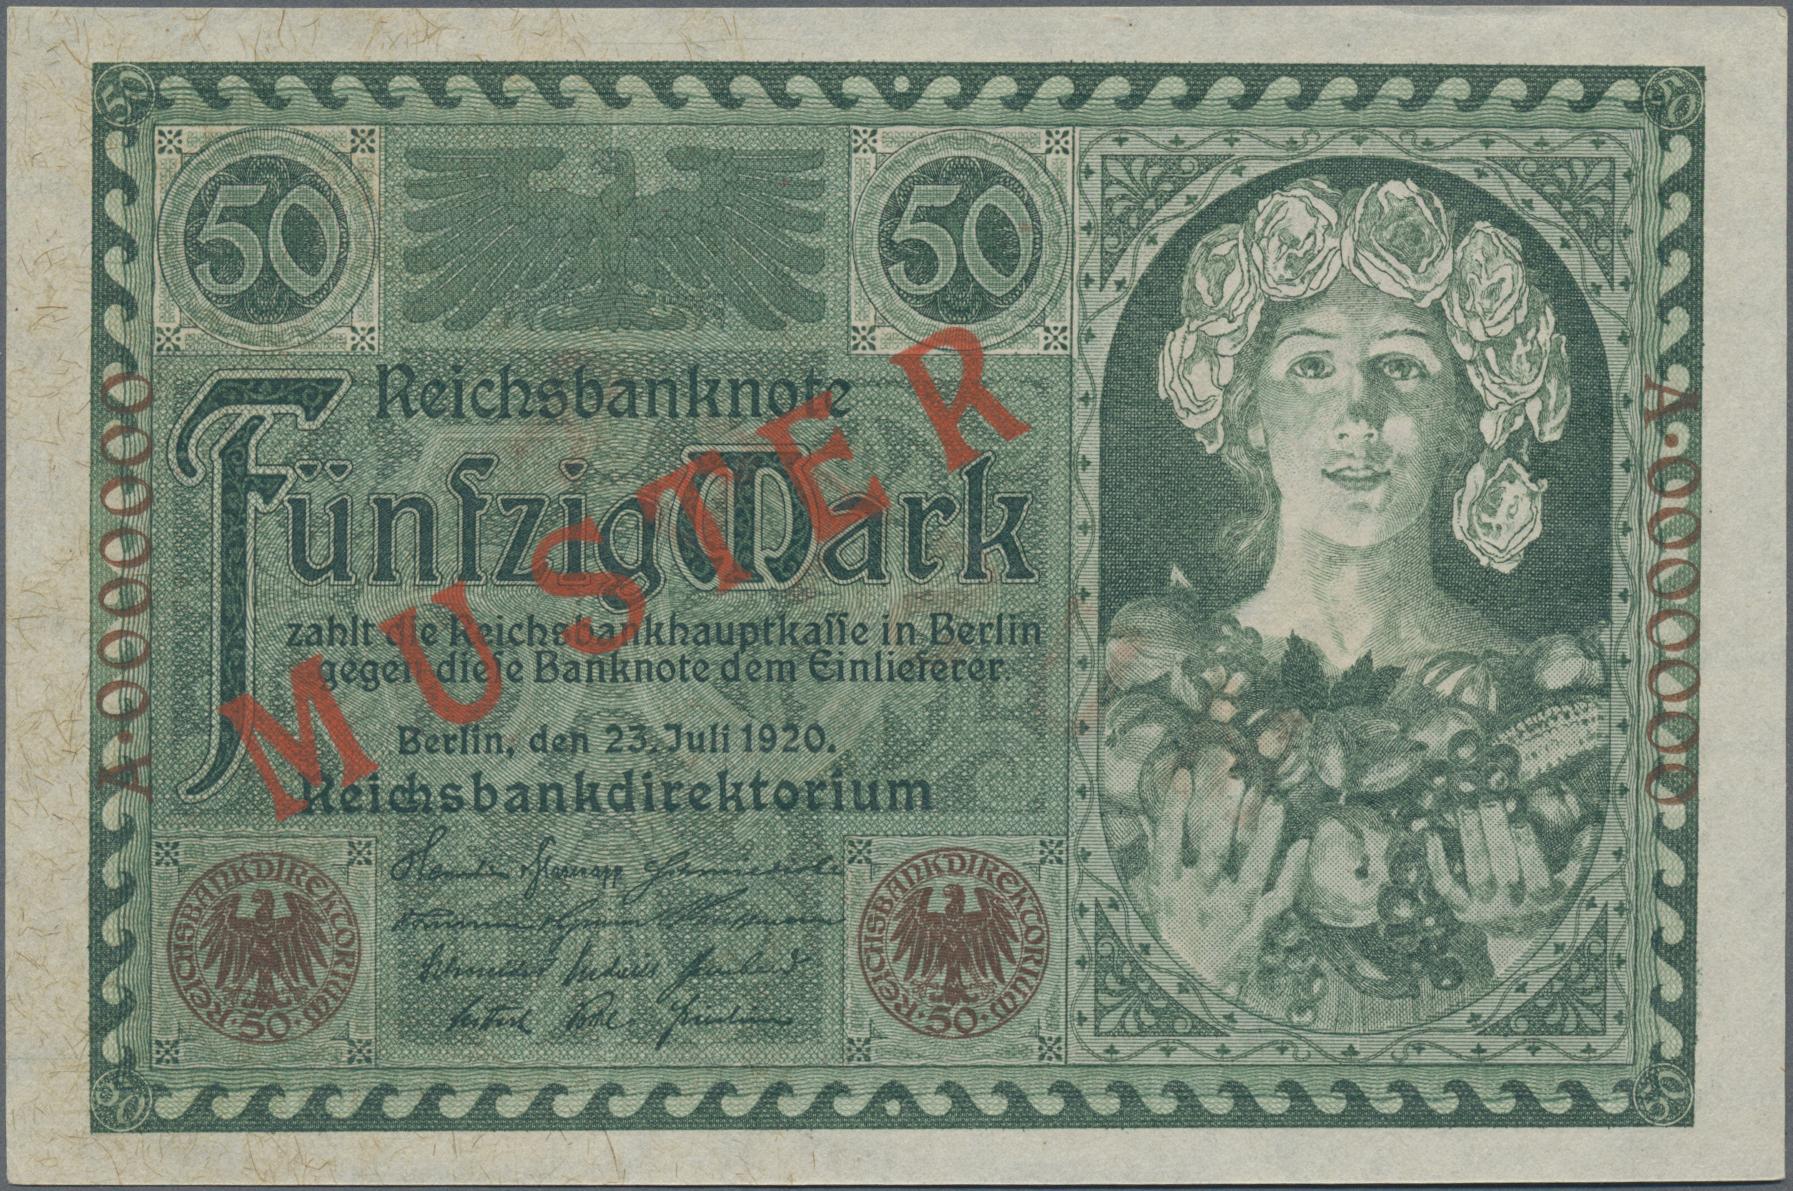 Lot 03326 - Deutschland - Deutsches Reich bis 1945 | Banknoten  -  Auktionshaus Christoph Gärtner GmbH & Co. KG Sale #45 Banknotes Germany/Numismatics